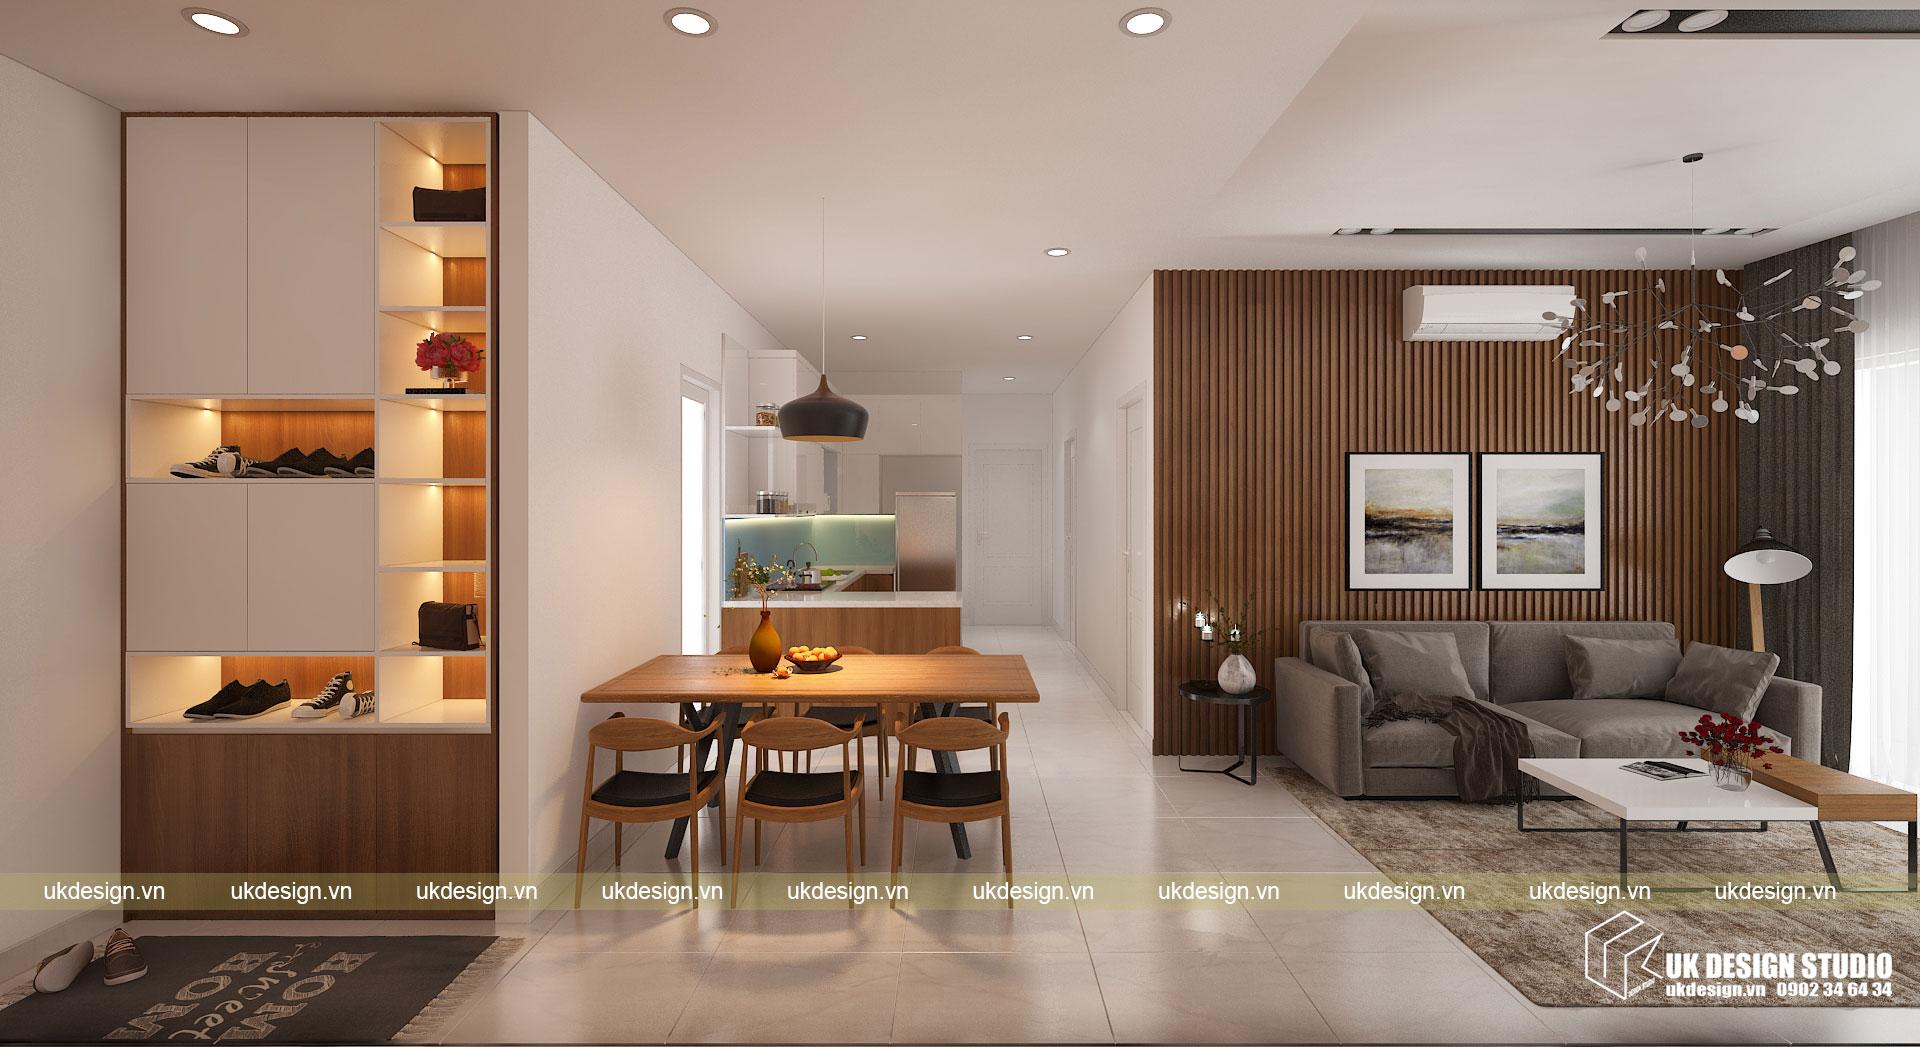 Thiết kế nội thất căn hộ 60m2 Hưng Lộc Phát 1